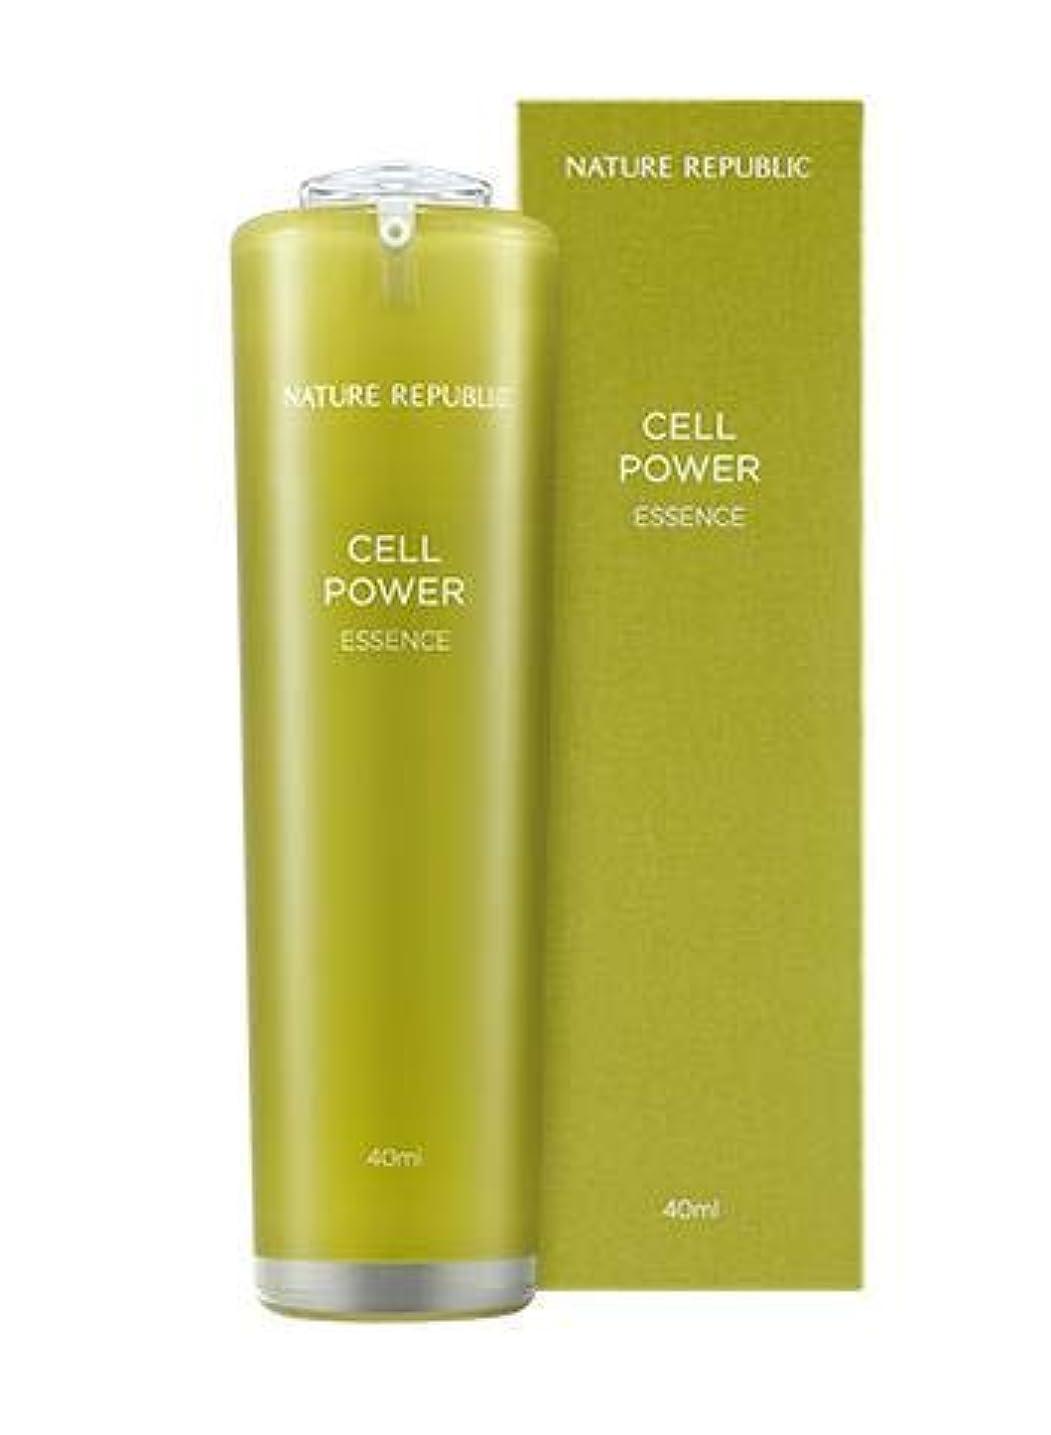 にもかかわらず正当な申請中Nature Republic Cell Power Essence ネイチャーリパブリック セルパワー エッセンス [並行輸入品]